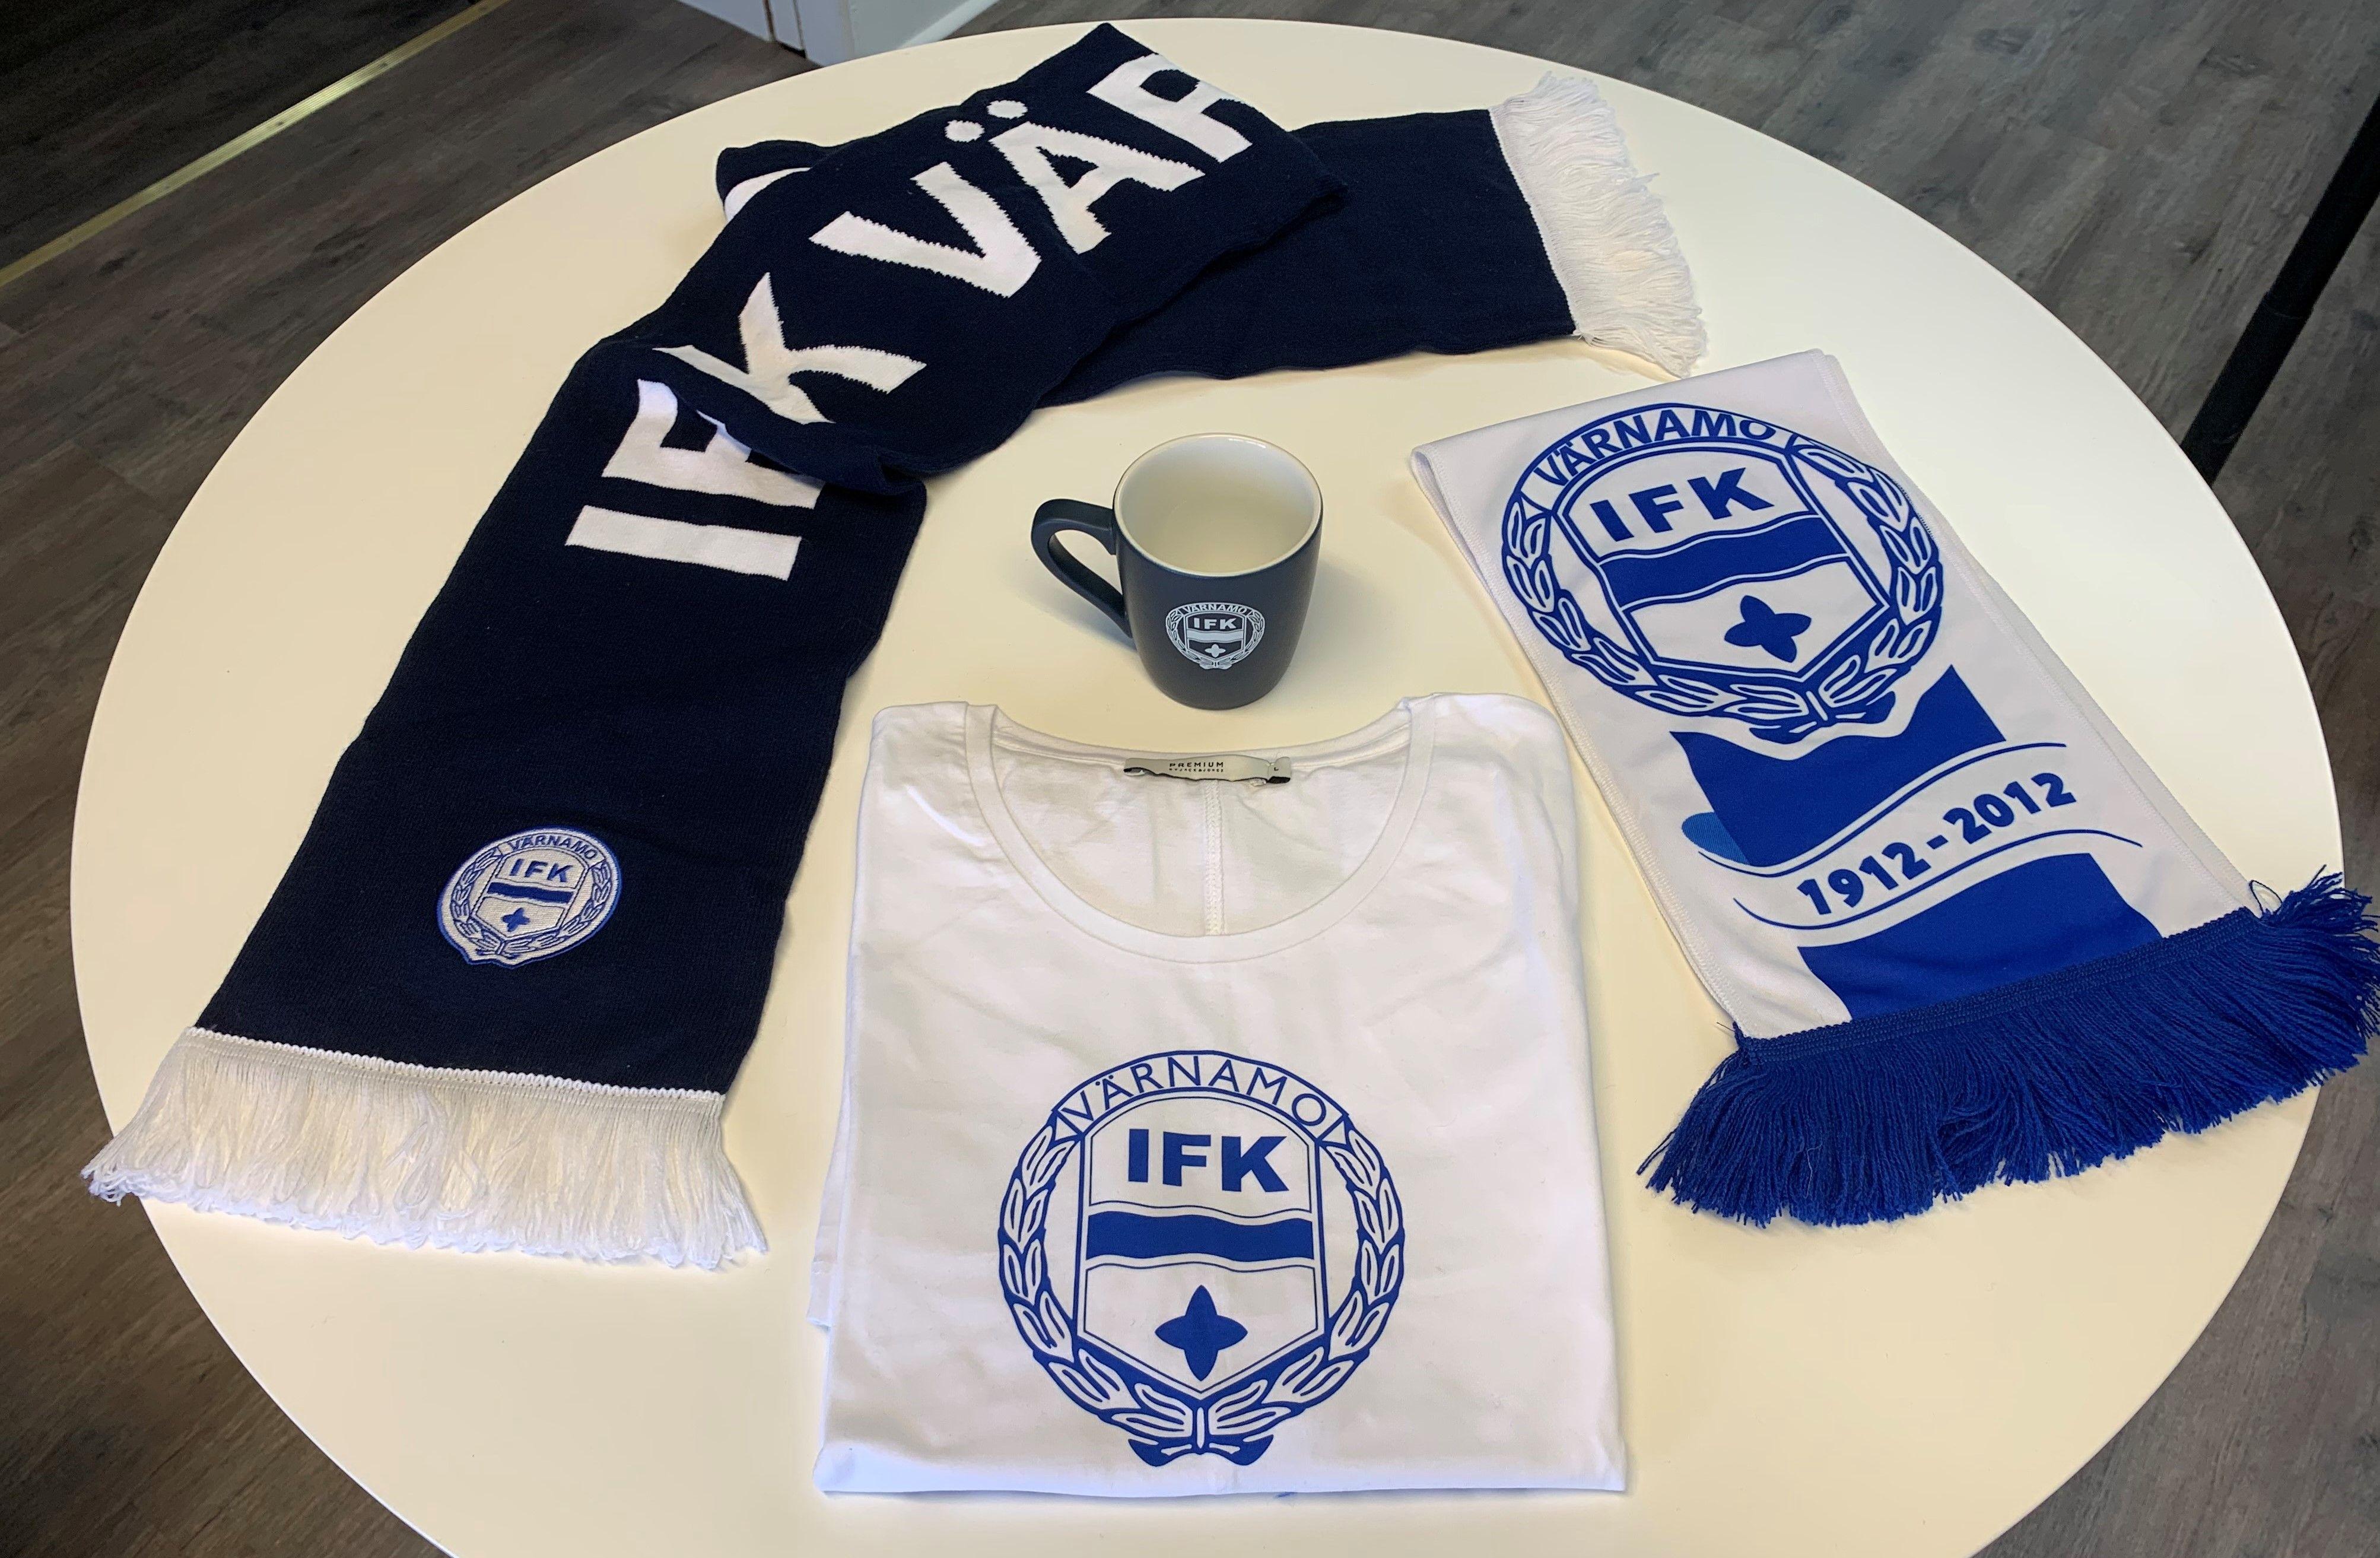 Fynda IFK-prylar till bra priser!